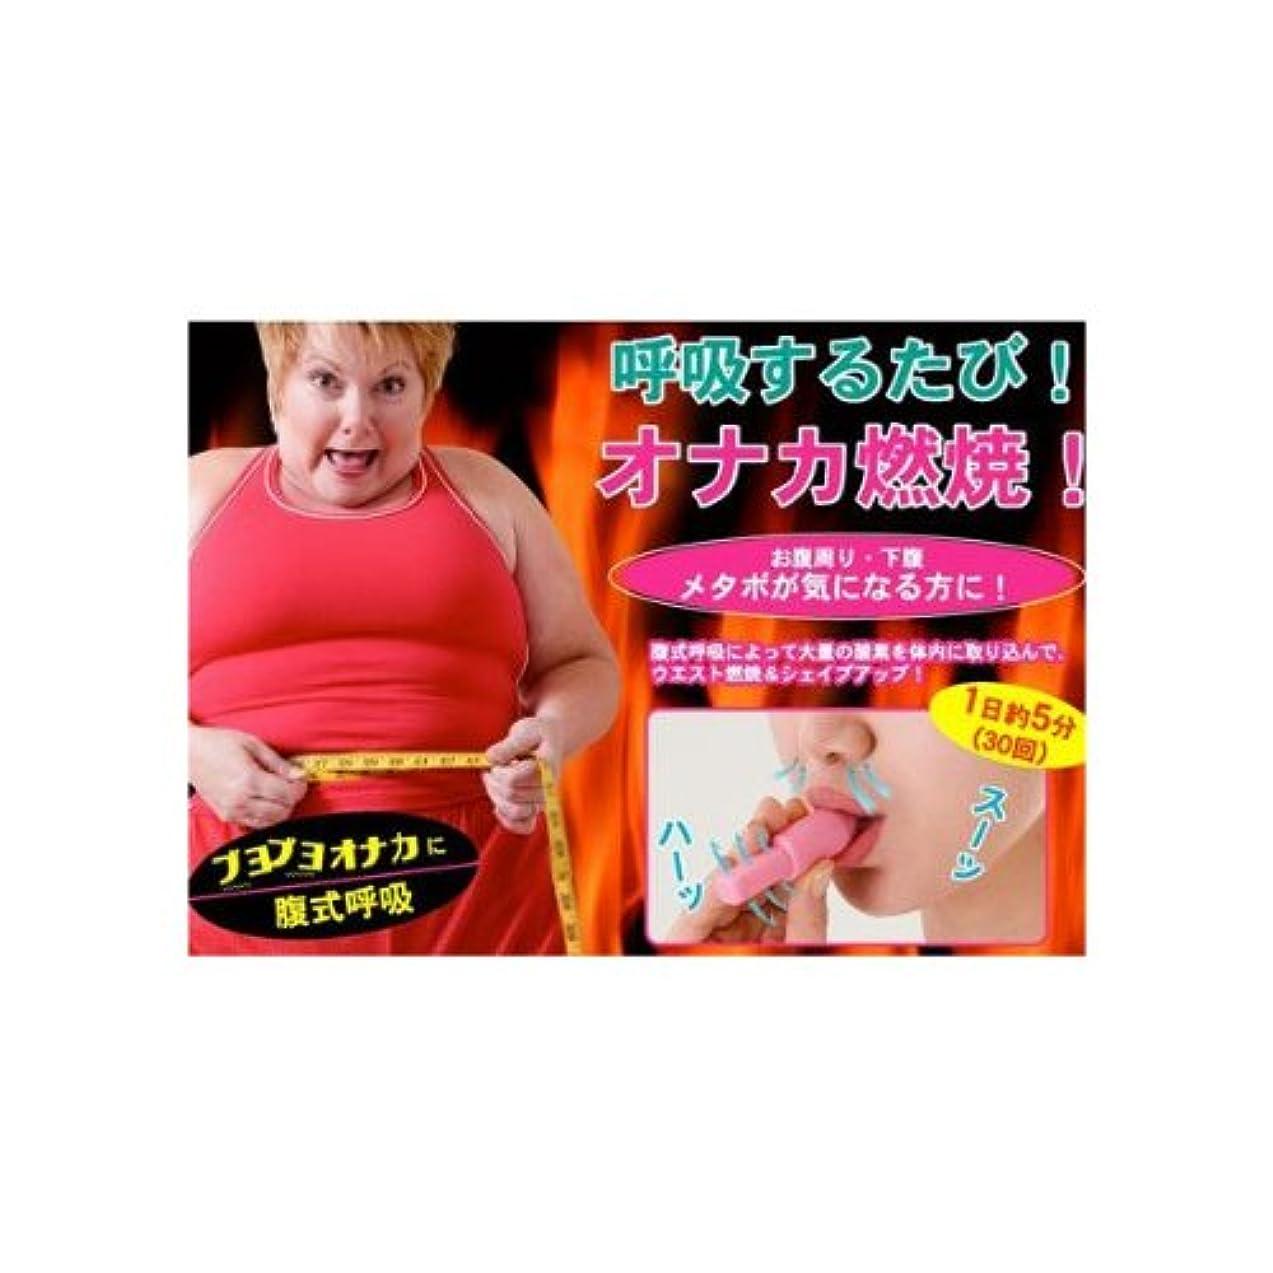 ウェブ不良新着腹式呼吸によってウエスト&エクササイズ!腹式呼吸ダイエット『カロリーブレス』